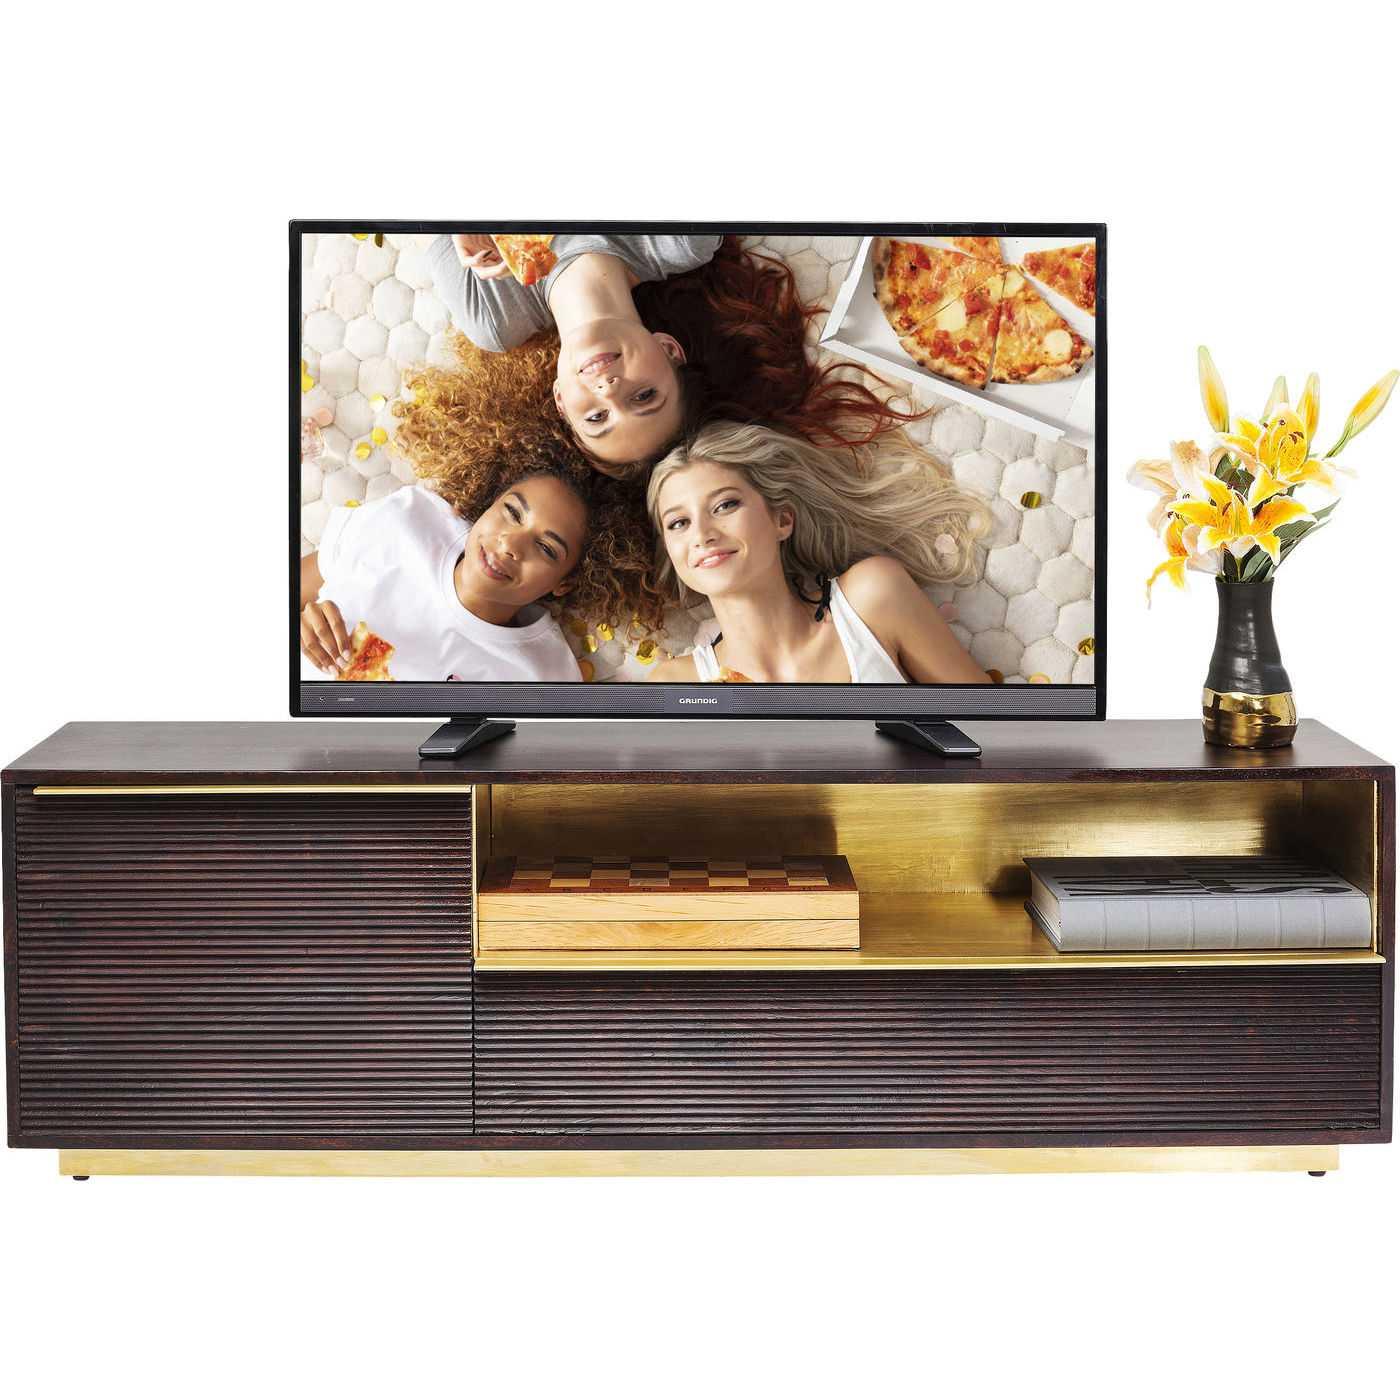 kare design Kare design casino lounge tv-bord - brunt/guld mangotræ, m. 2 låger på boboonline.dk